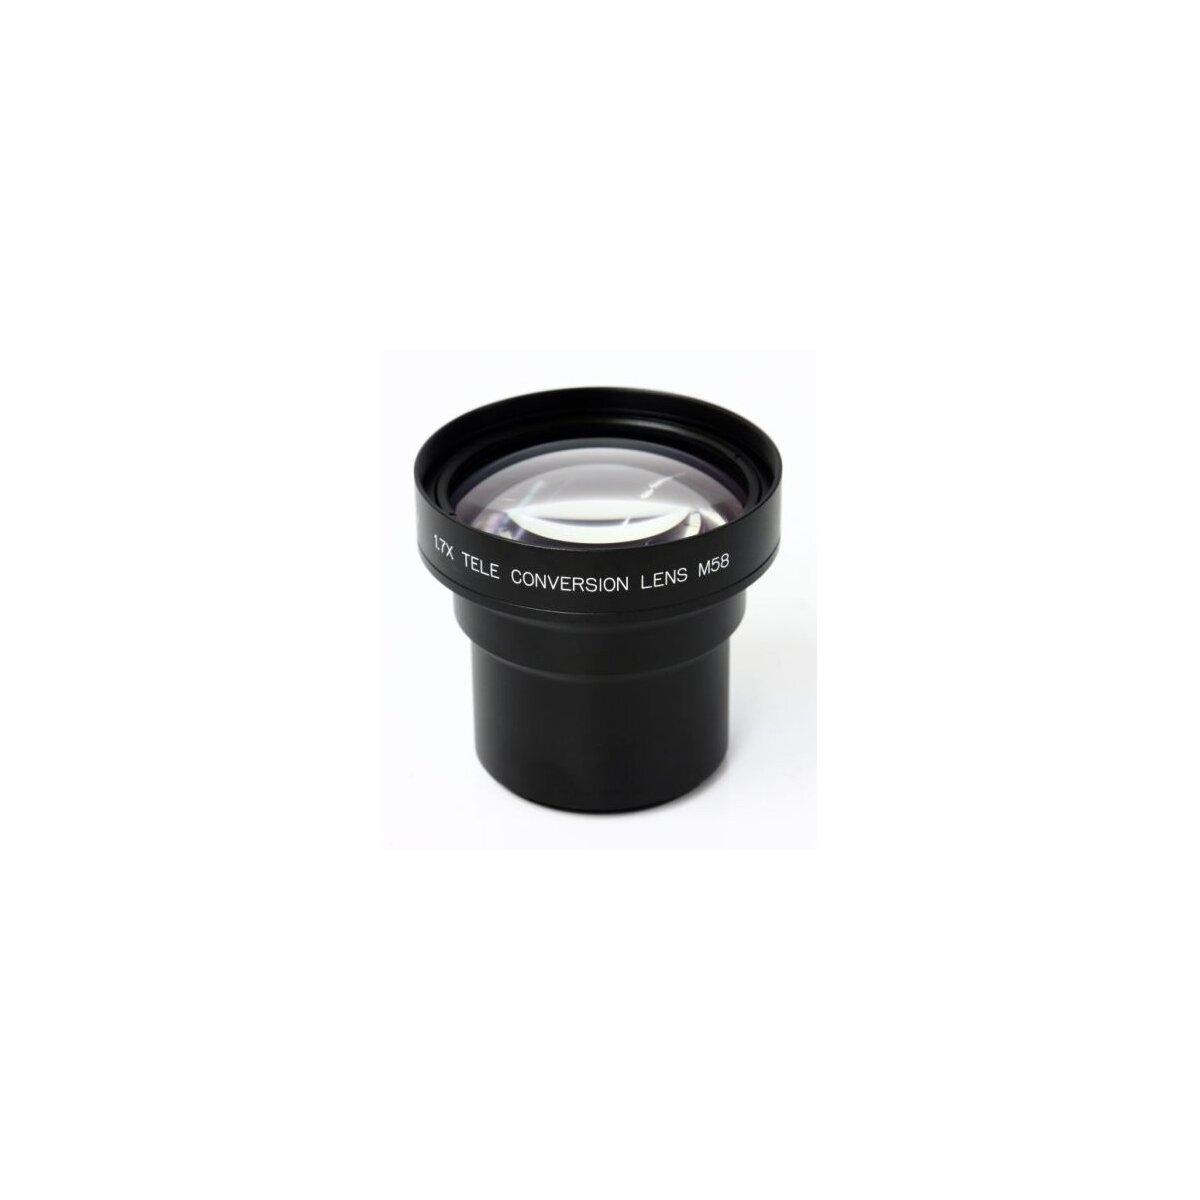 1.7x Hochleistungs Tele Objektiv Vorsatz kompatibel mit Canon Powershot G10, G11 58mm inkl. Adapter ( Sonnenblende Optional LTH-82 )